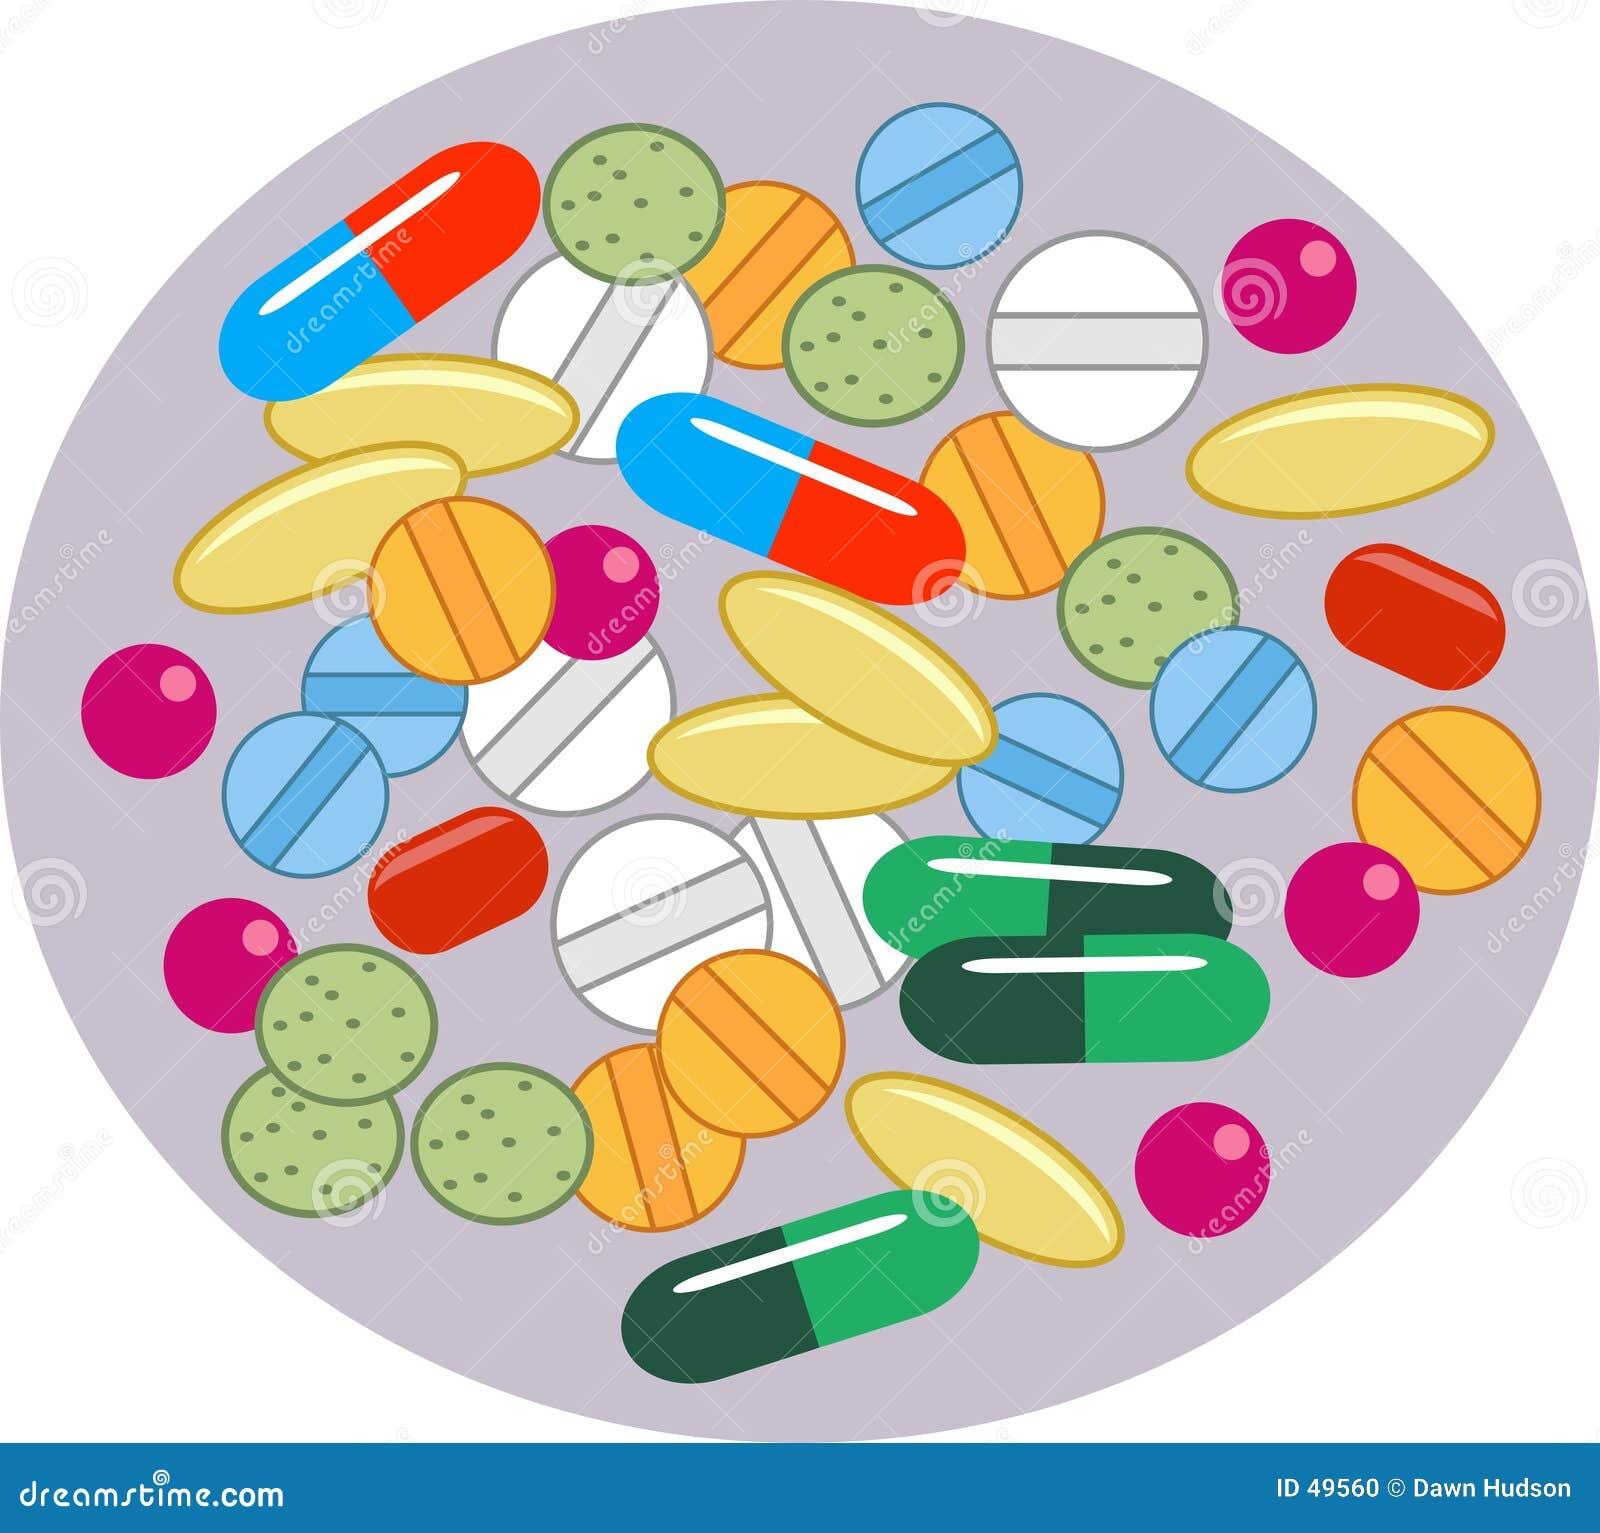 Pillules de vitamine